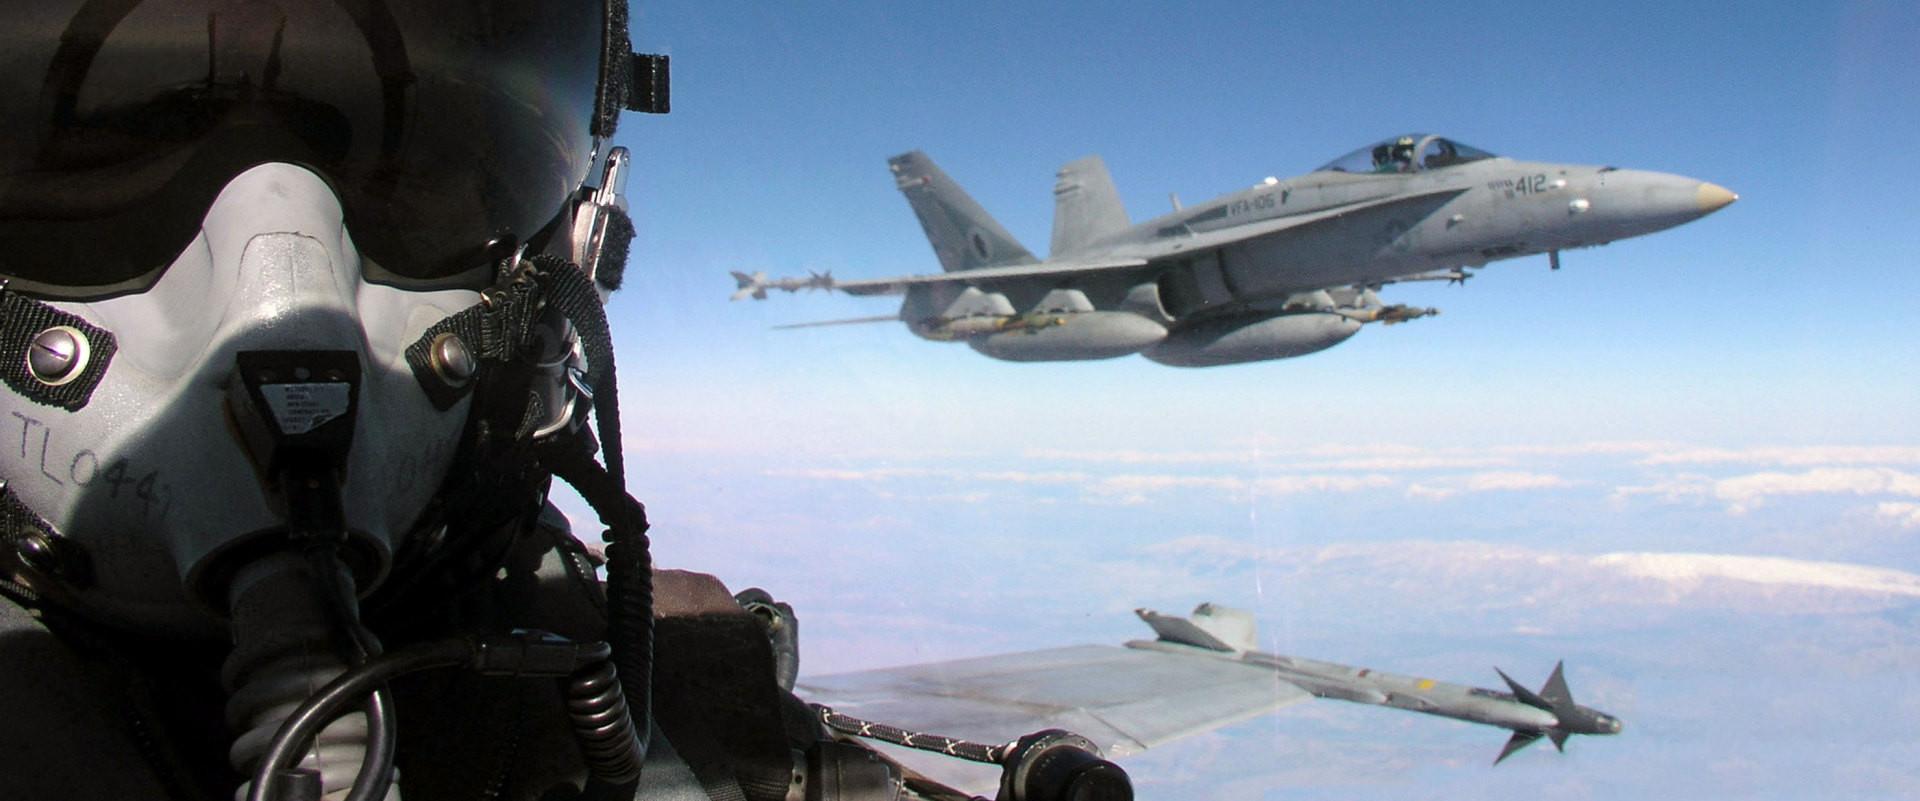 BOMBARDIRAT ĆE TERORISTE: SAD i Turska planiraju veliku akciju protiv Islamske države